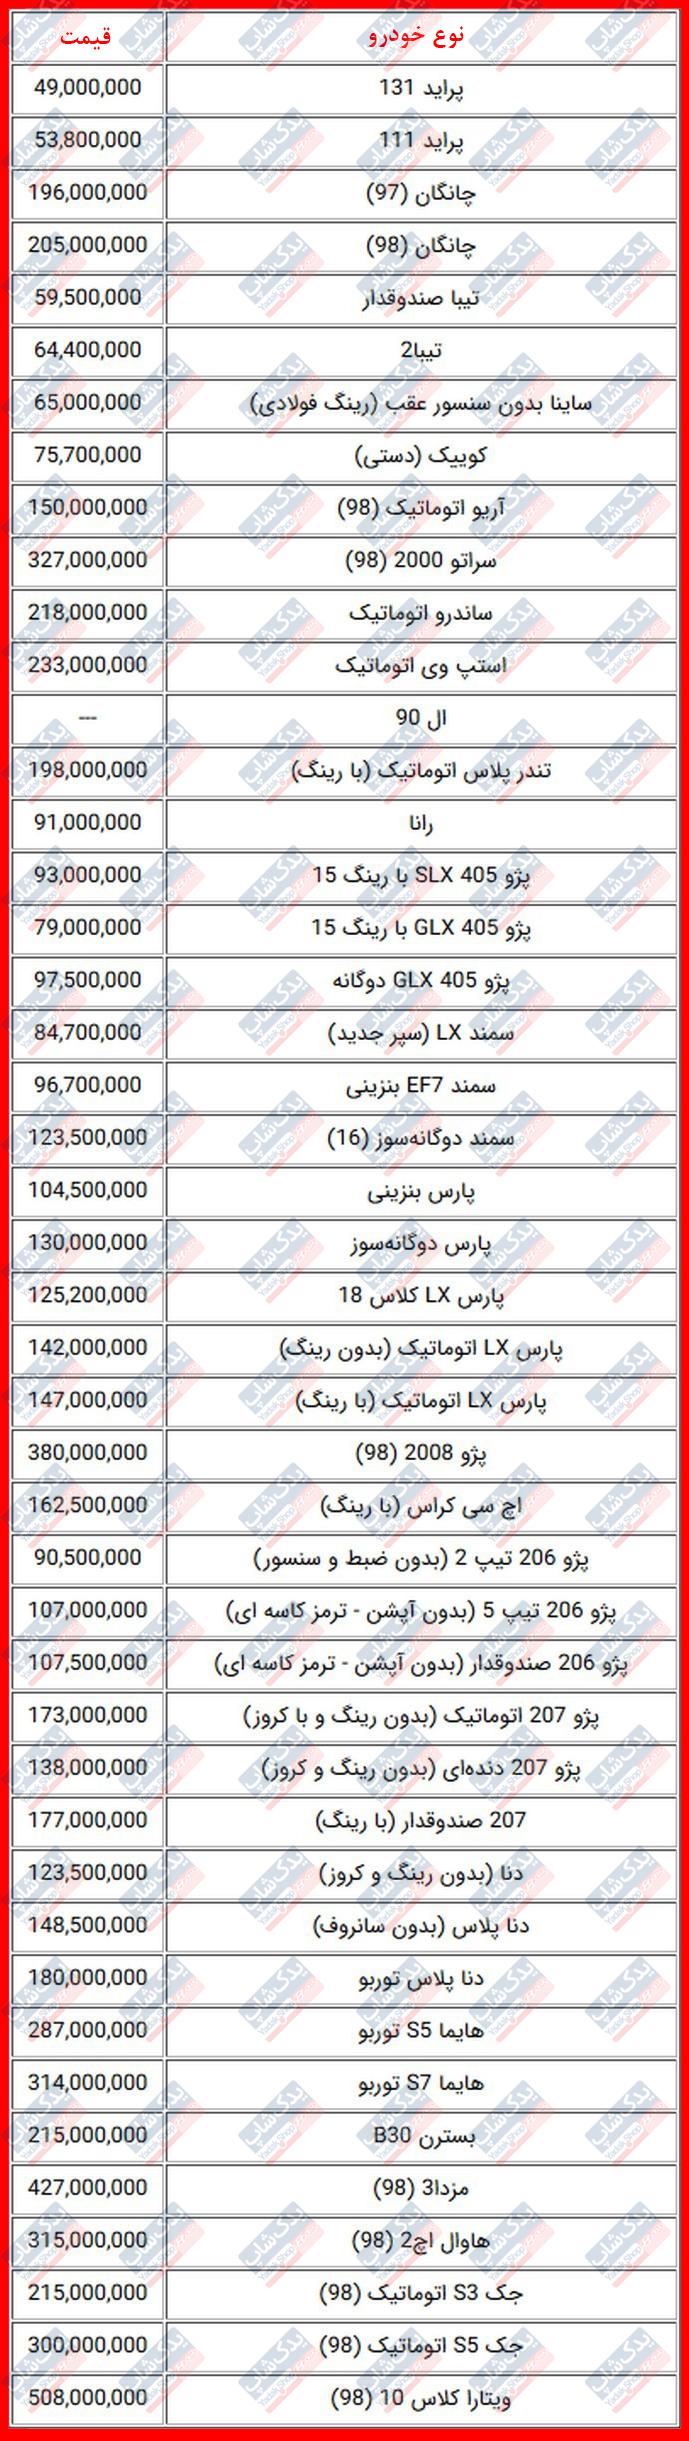 لیست قیمت خودروهای تولید داخل دی ماه 1398